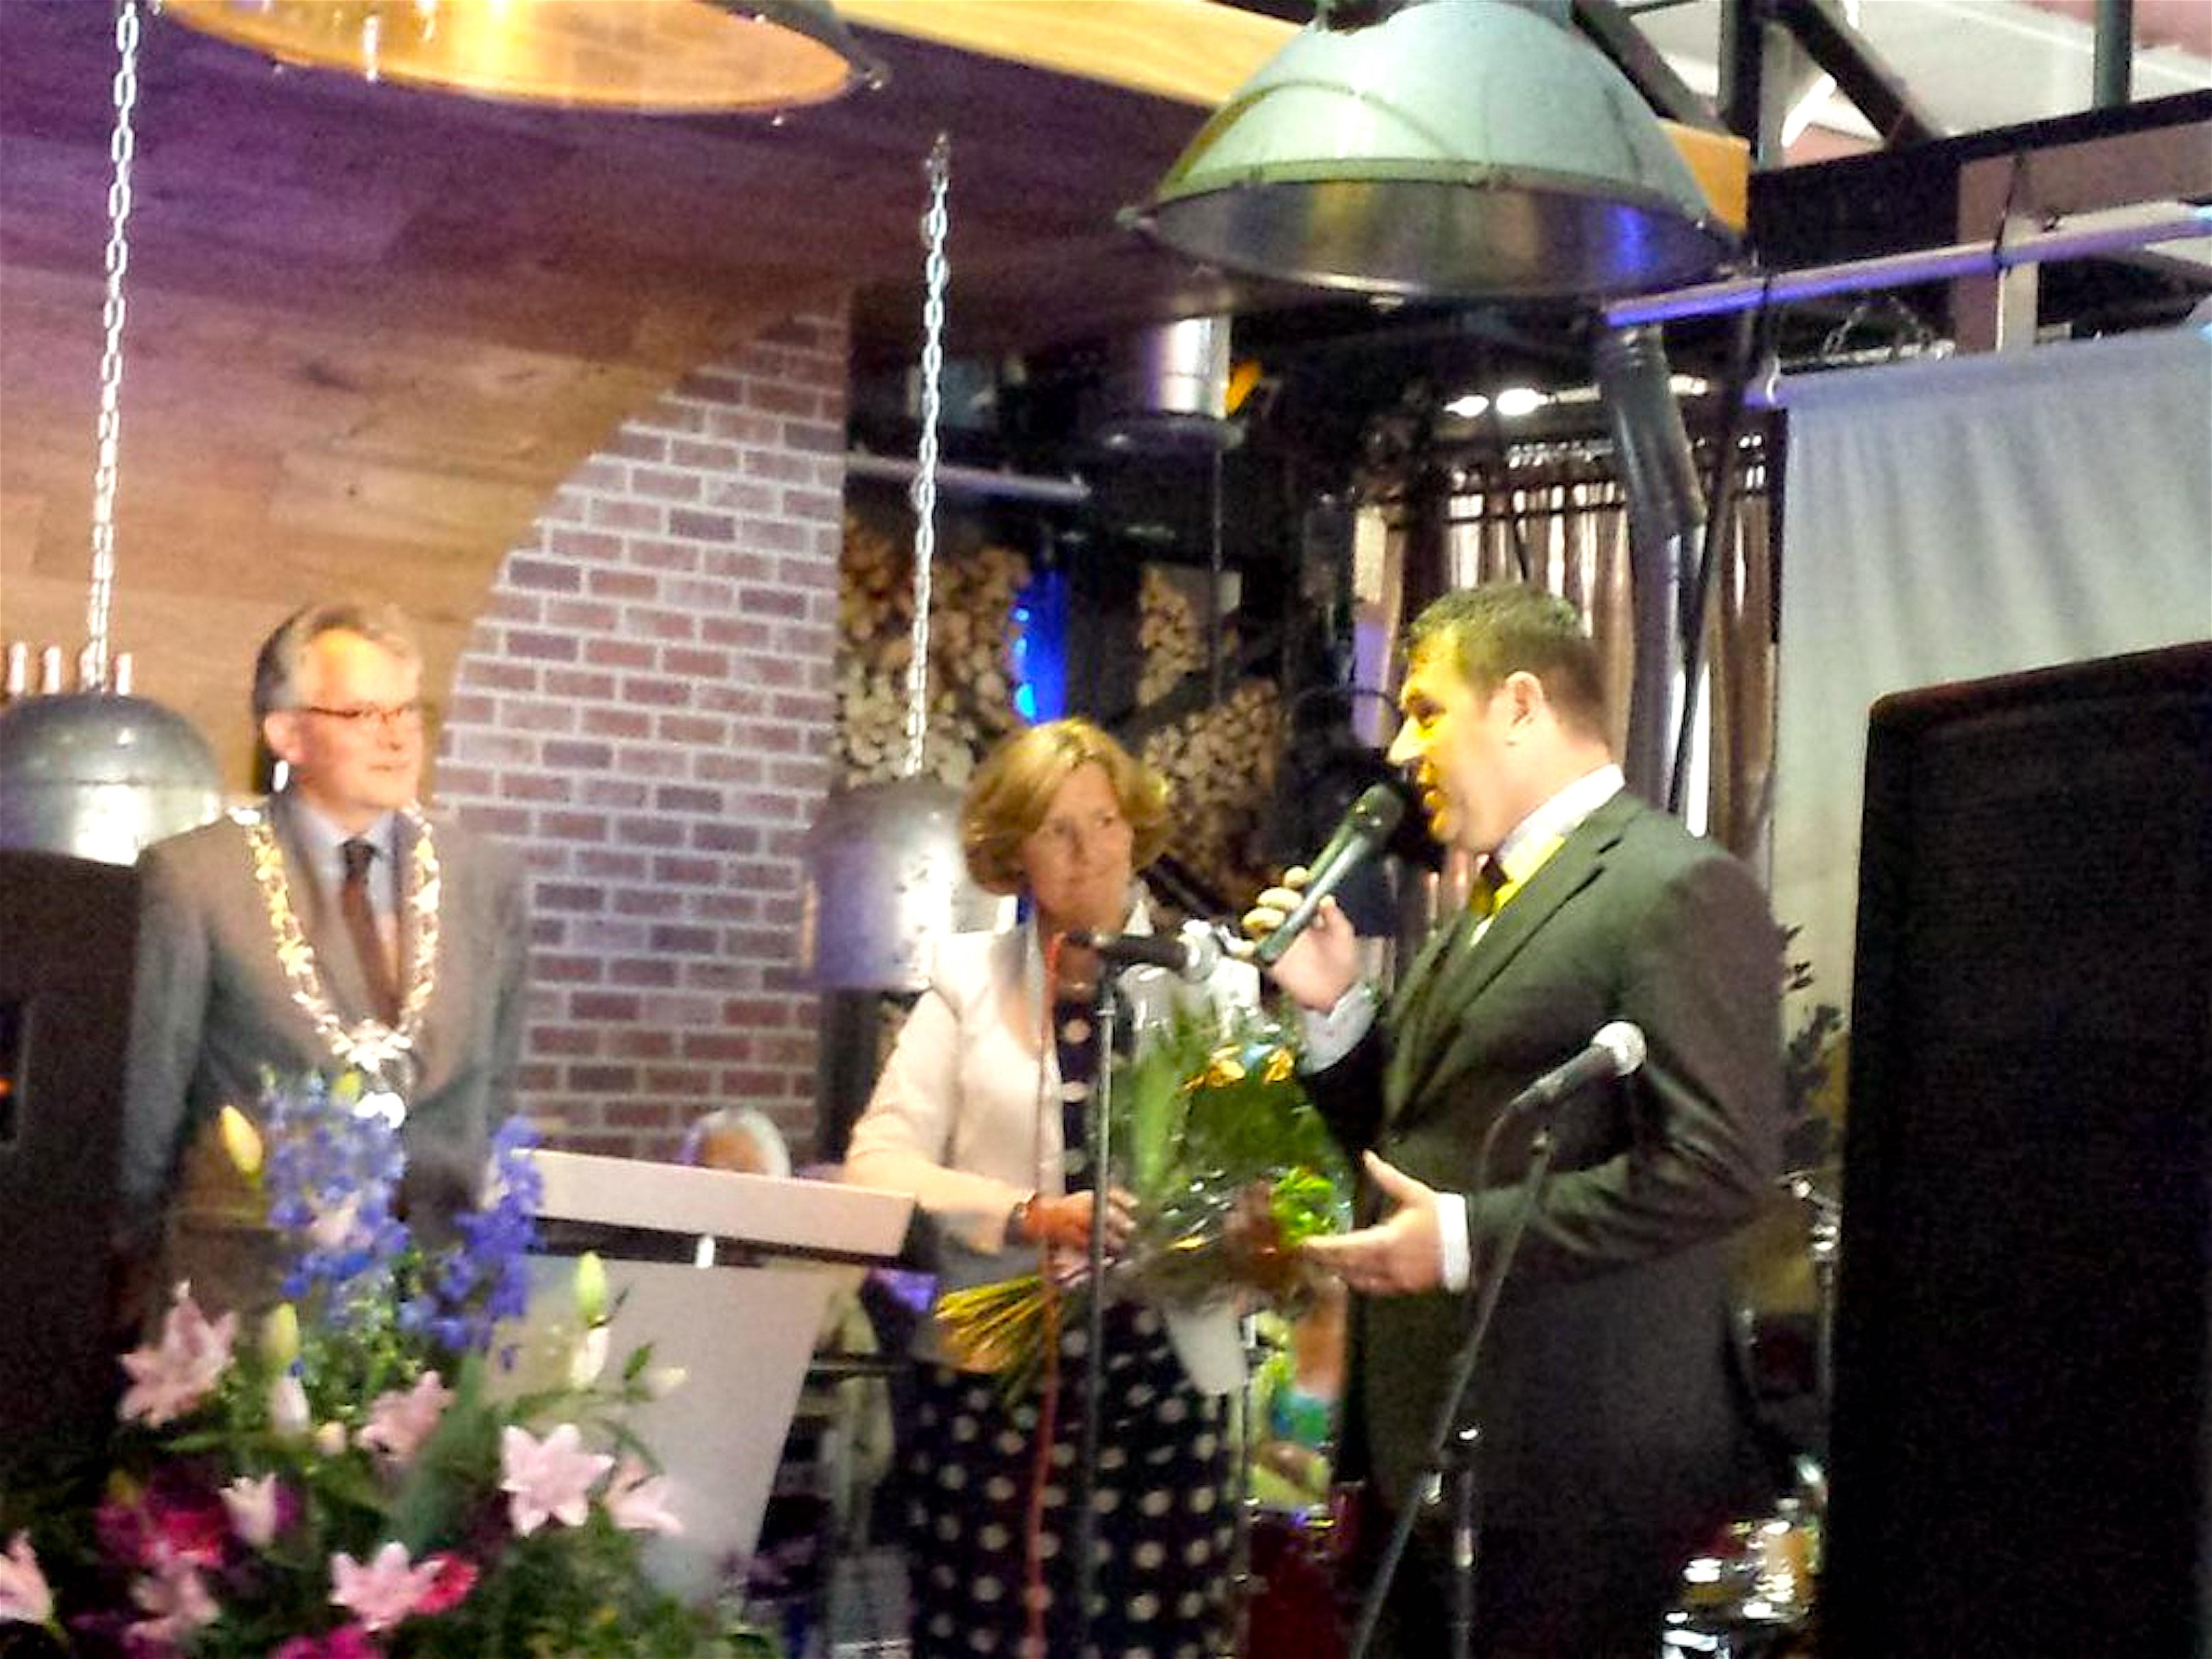 Burgemeester VVD Koen Schuiling, ex wethouder CDA Wiltrude Turnhout en huidig wethouder, eveneens CDA, Edwin Krijns van Den Helder loven wederom elkaar (foto Kees Bazen/Twitter)